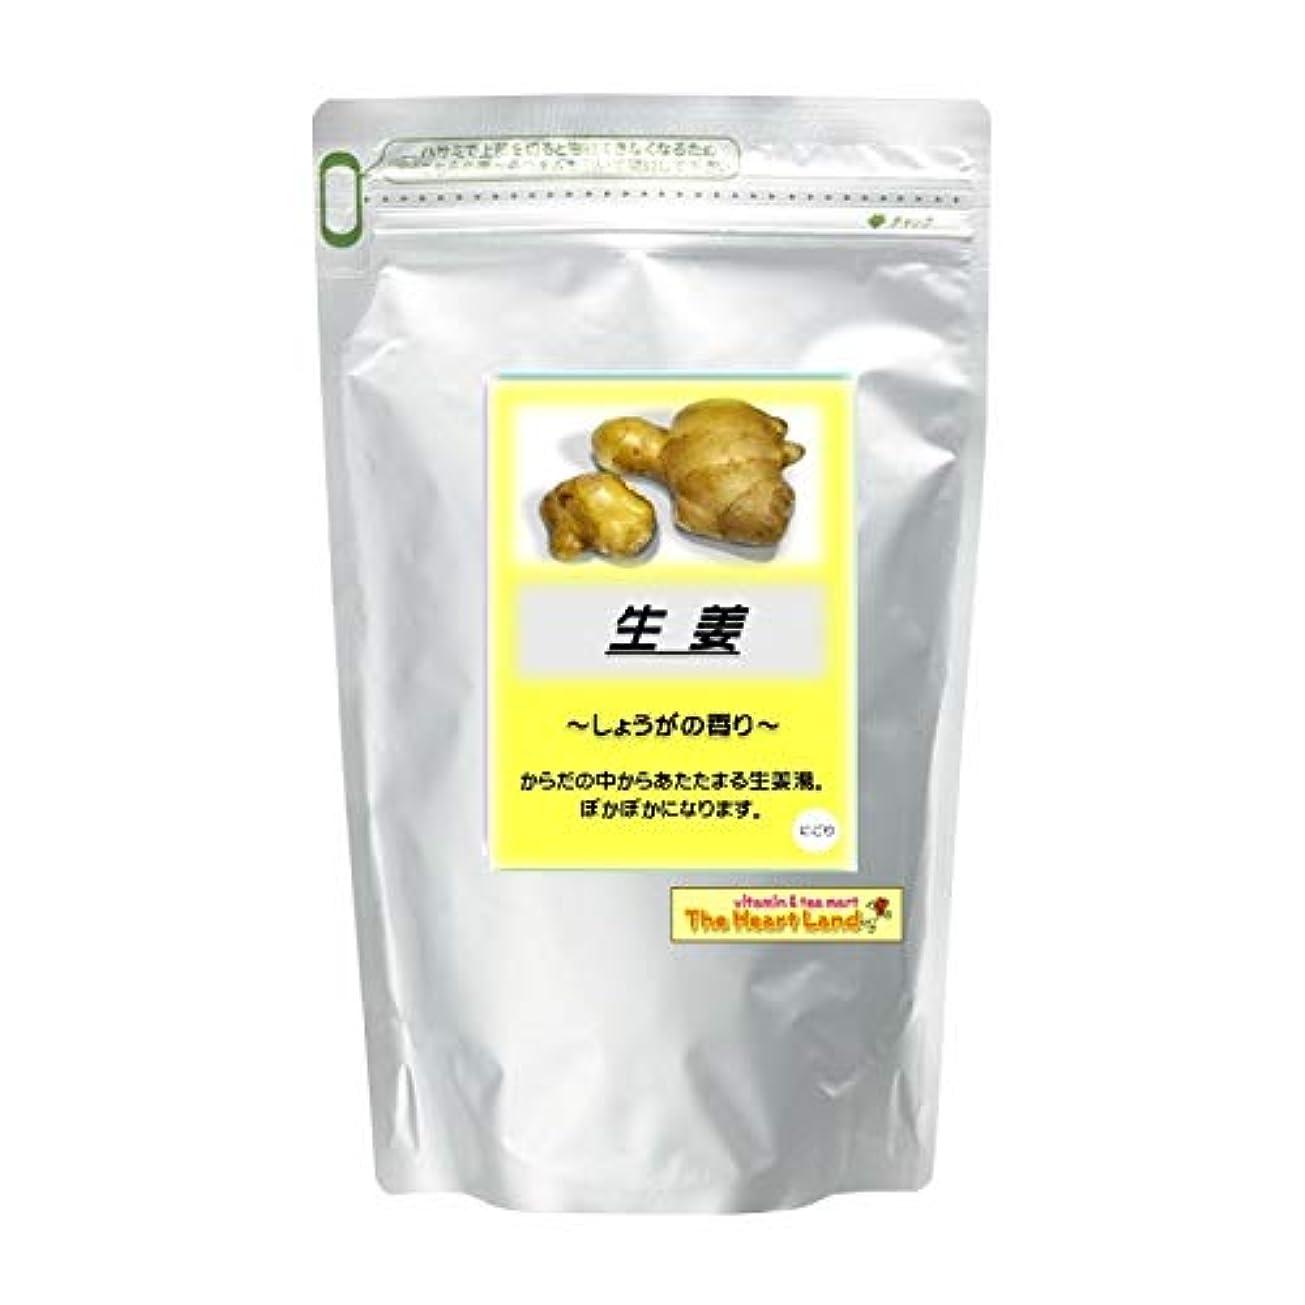 突っ込む厳しい減らすアサヒ入浴剤 浴用入浴化粧品 生姜 2.5kg